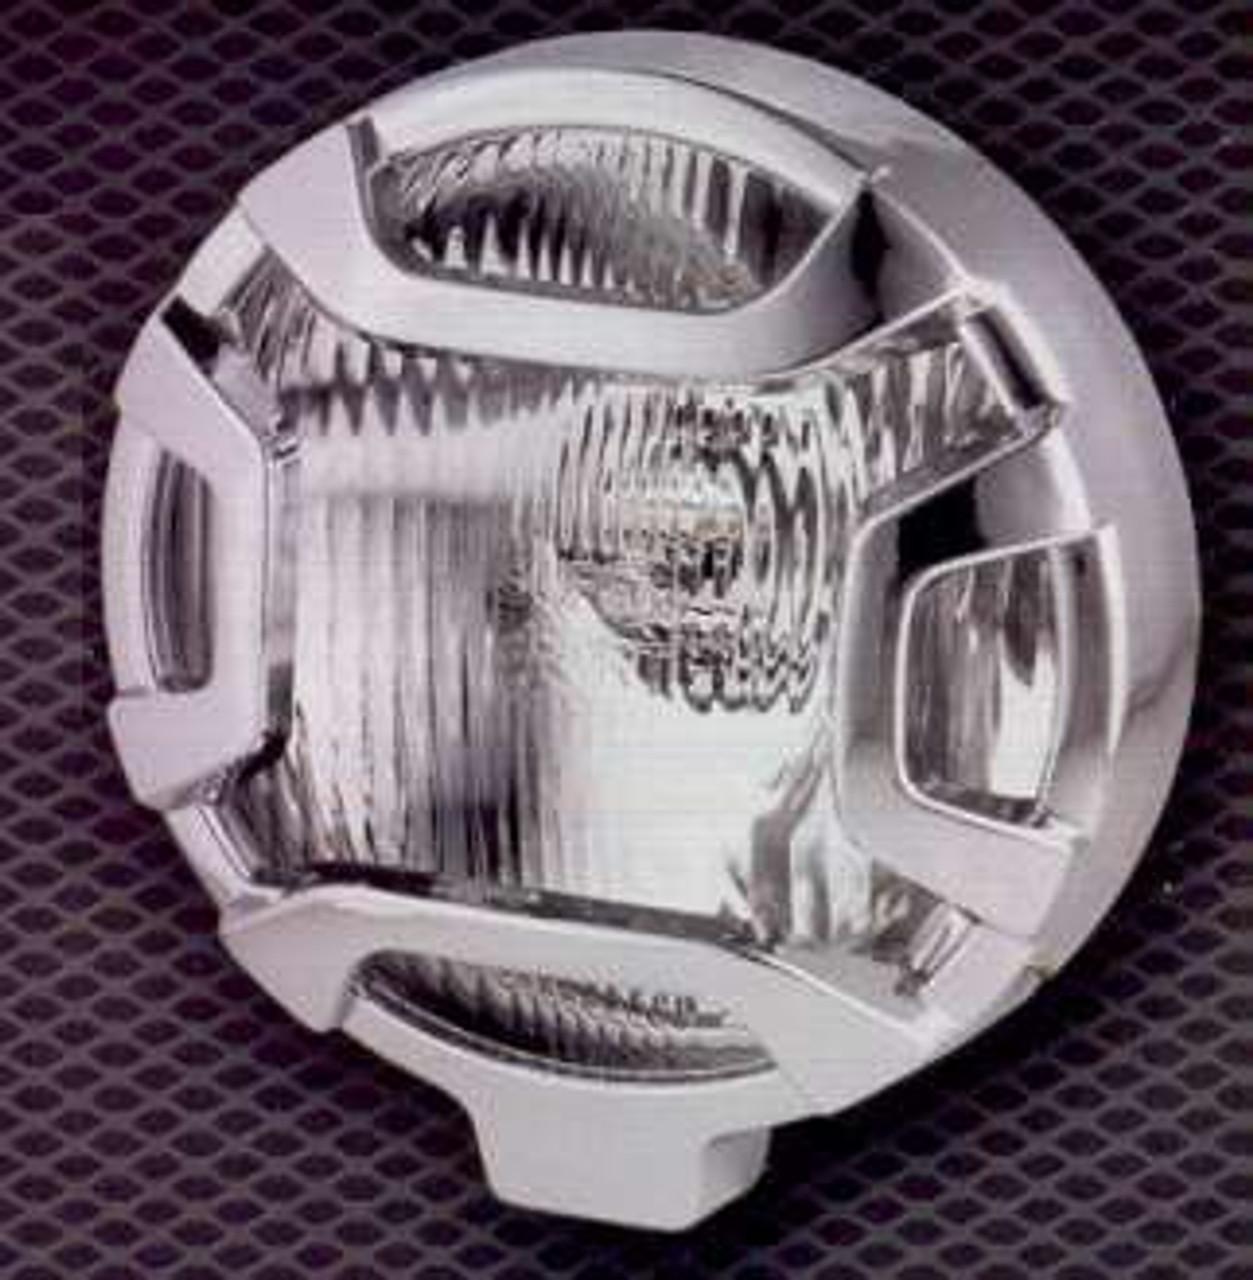 1990-2008 CHEVROLET TRACKER BRUSH BAR DRIVING LAMPS 1999 2000 2001 2002 2003 2004 2005 2006 2007